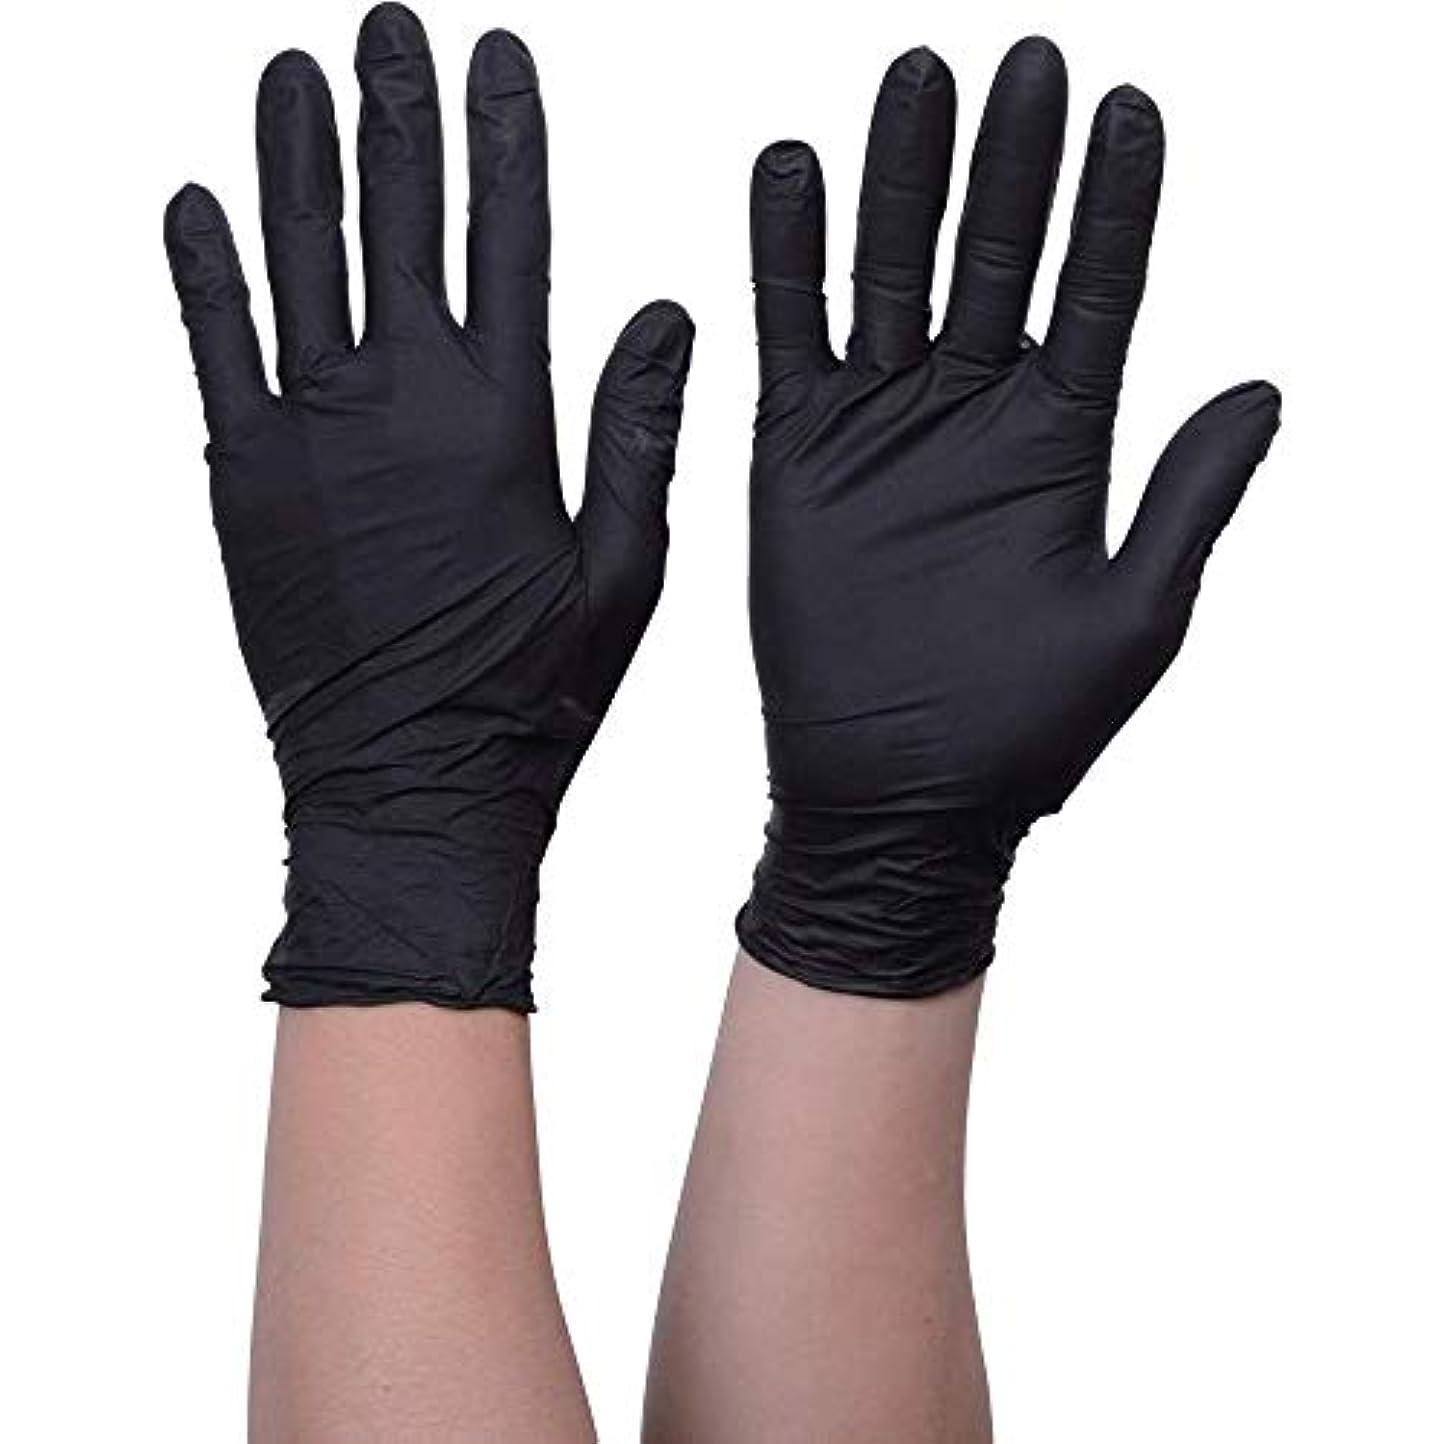 正気テクニカル乳製品ニトリル手袋 使い捨て手袋防水耐油耐久性が強い上に軽く高品質ブラック100枚入